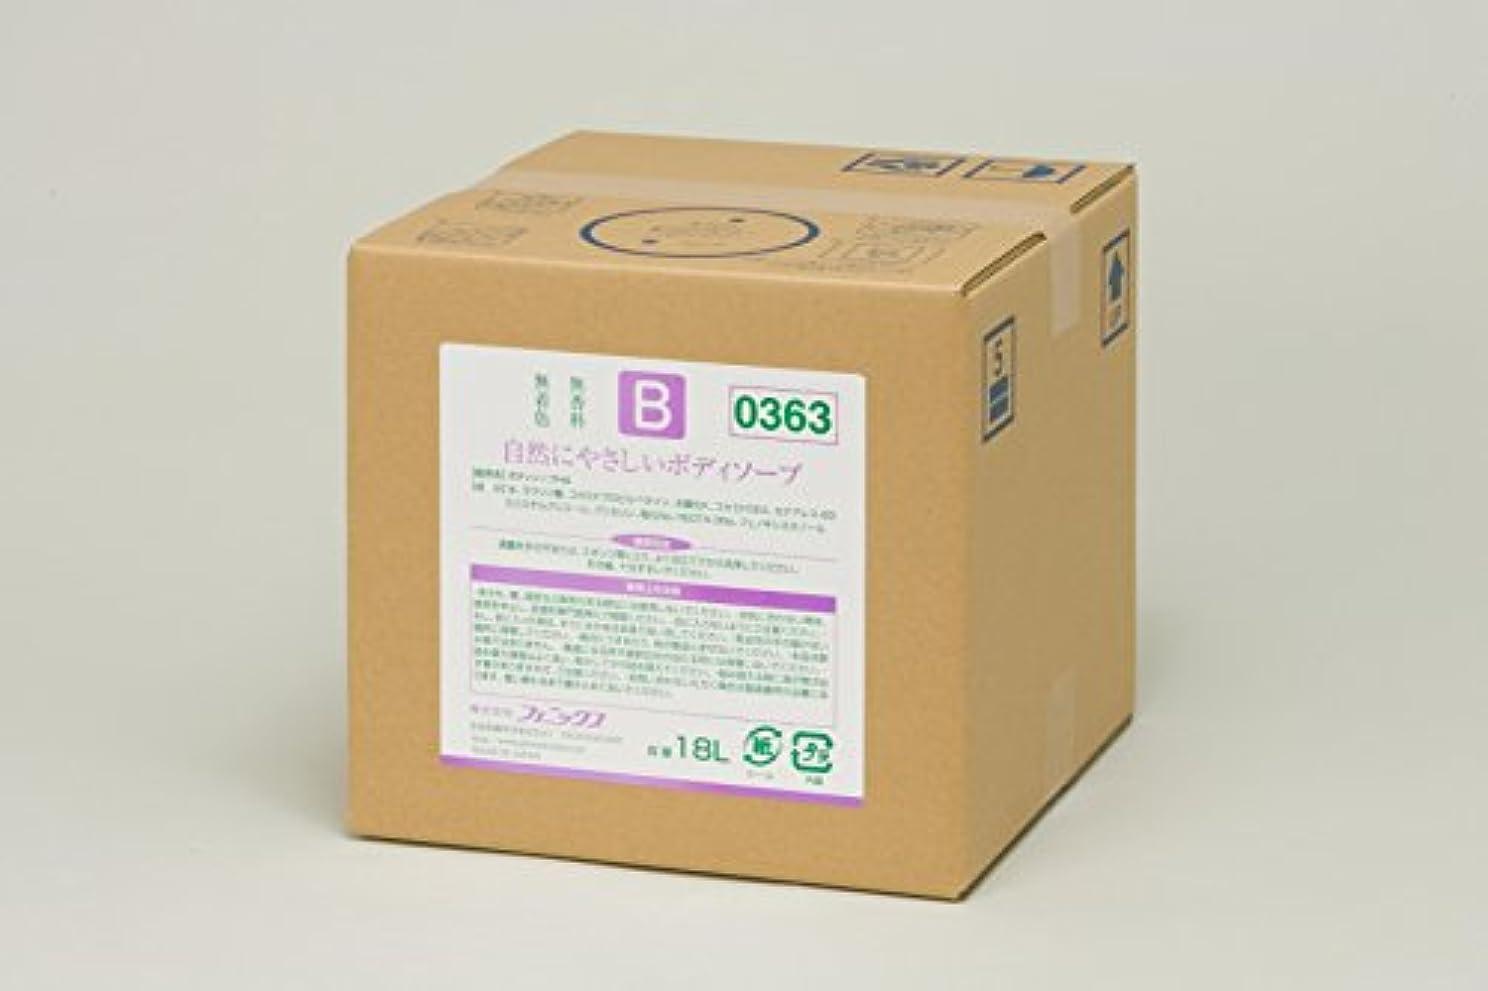 追加カブ歌う自然にやさしいボディソープ / 00090363 18L 1缶